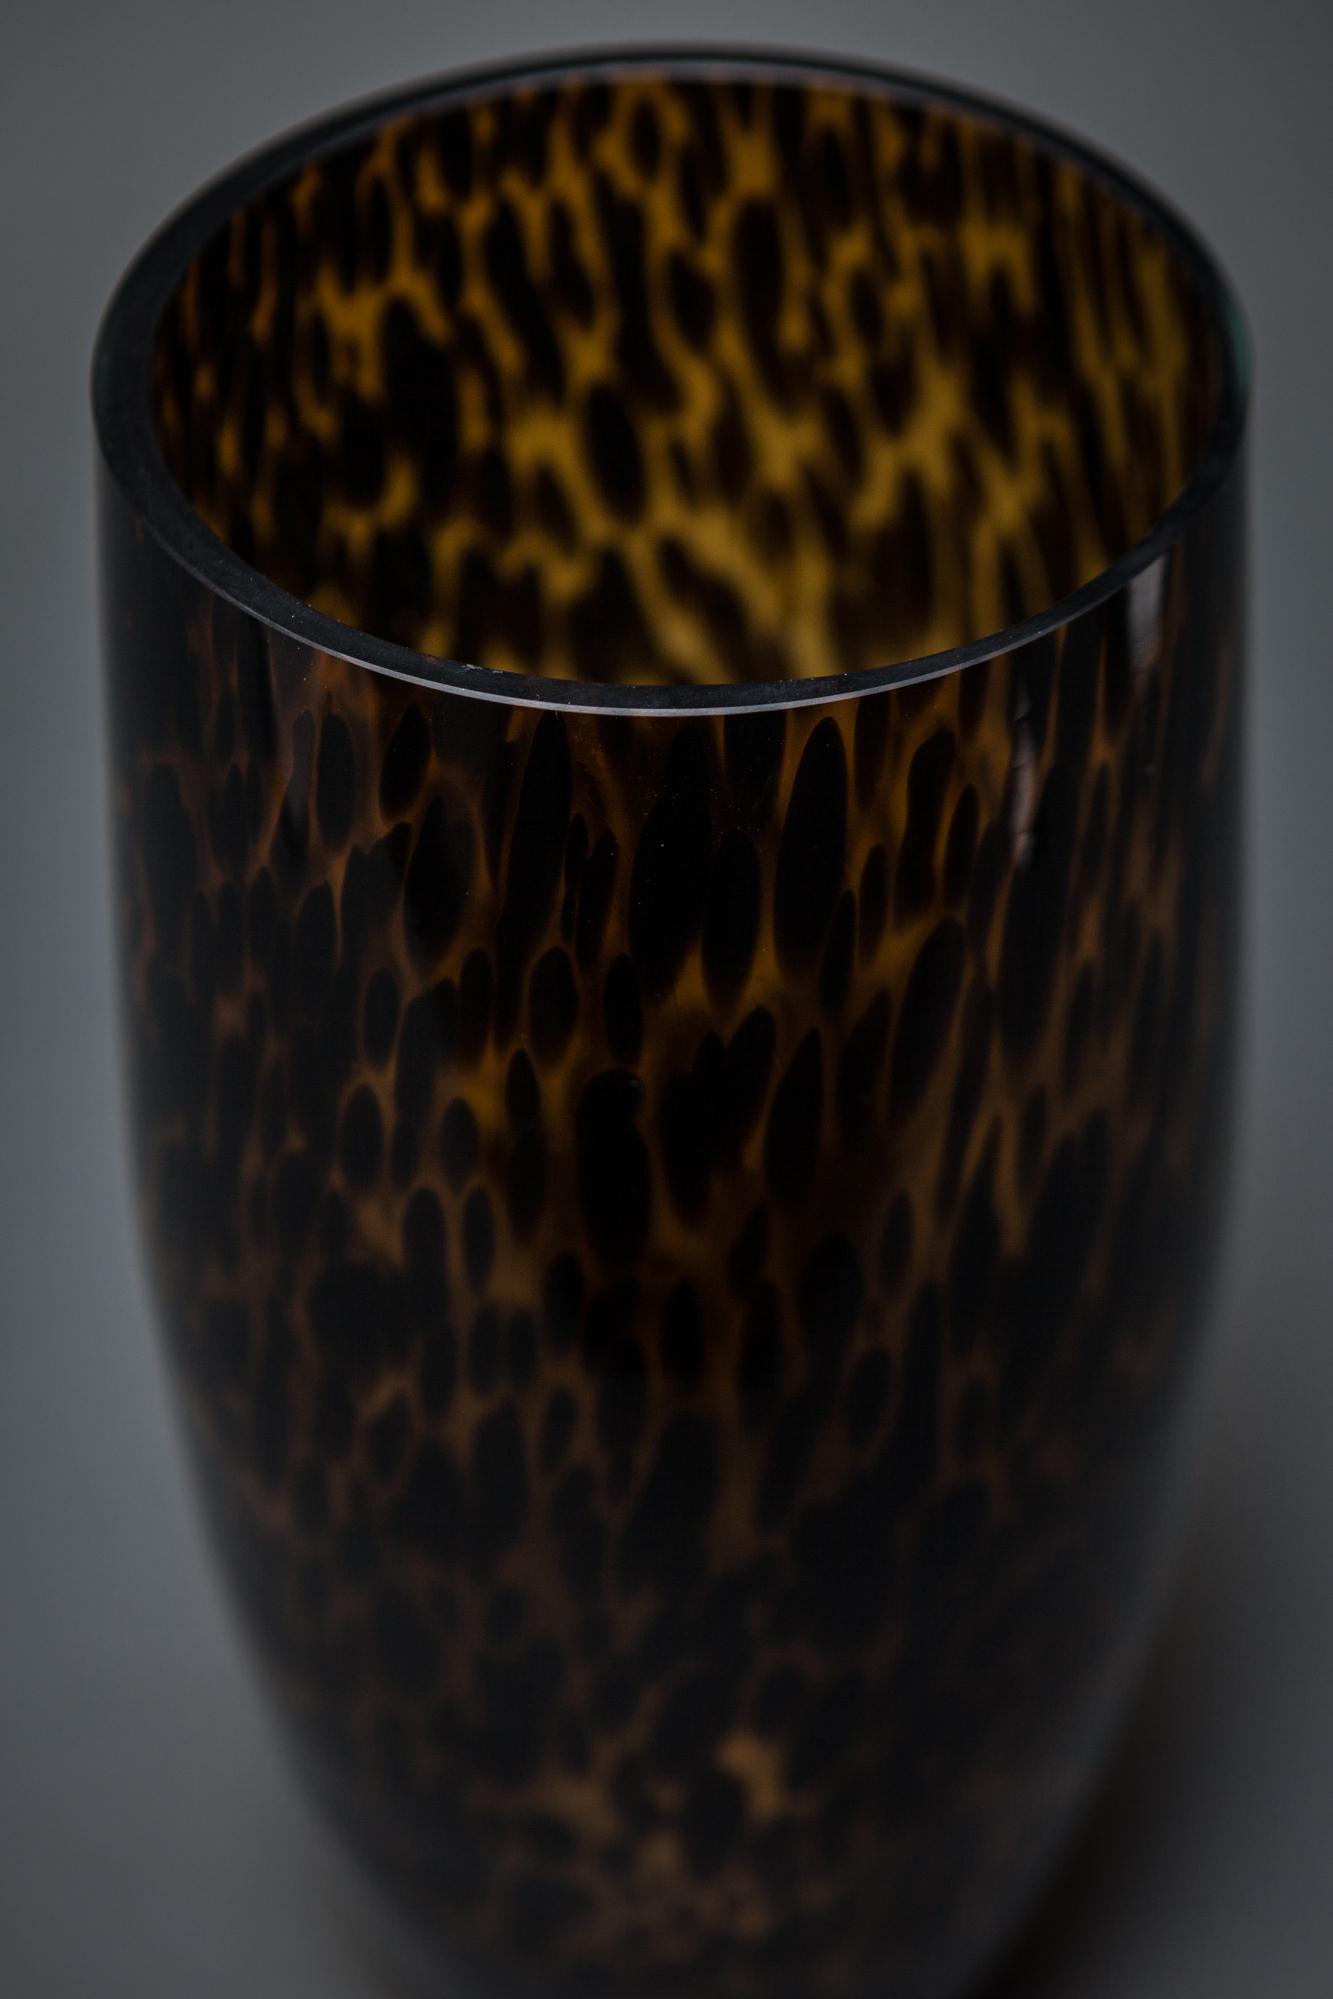 Rib Optic Tortoiseshell on Amber Vase